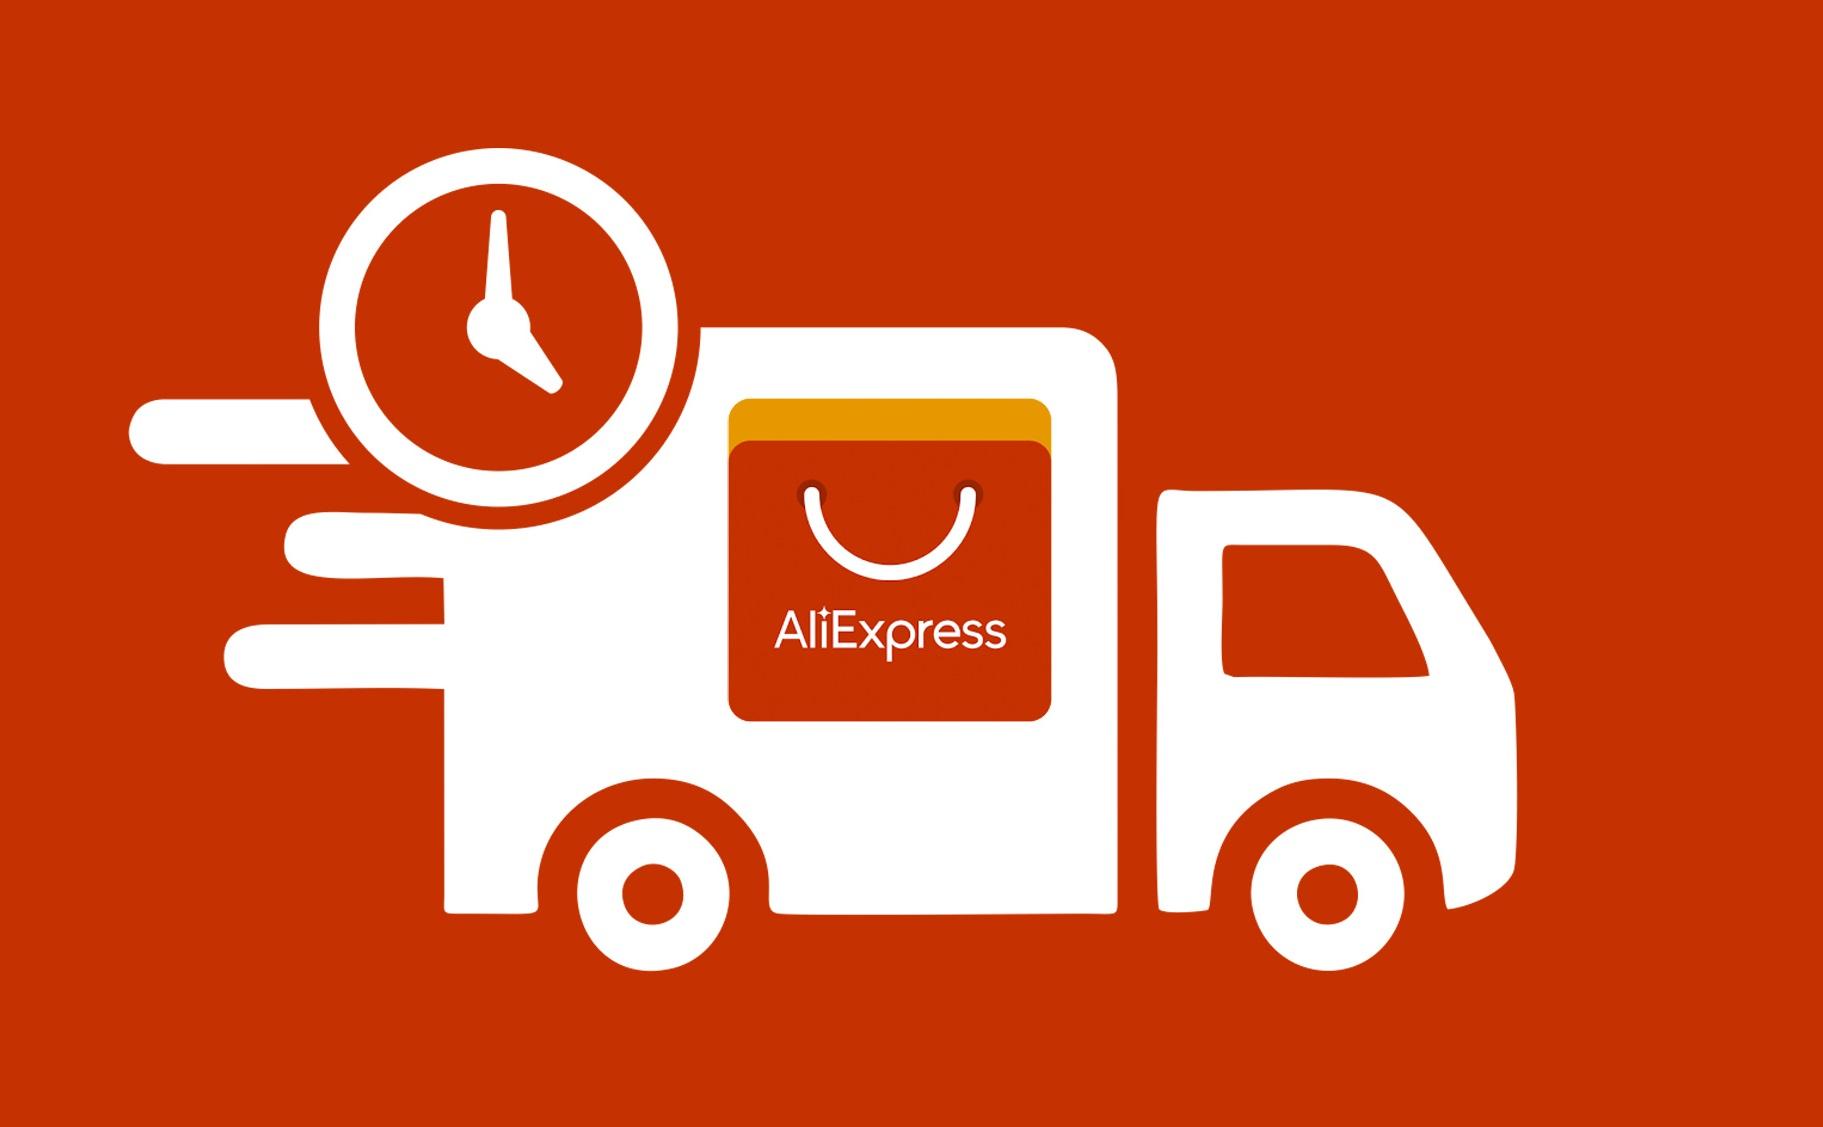 AliExpress вводит упрощенную систему доставки. Теперь мелкие заказы можно отправлятьодной посылкой